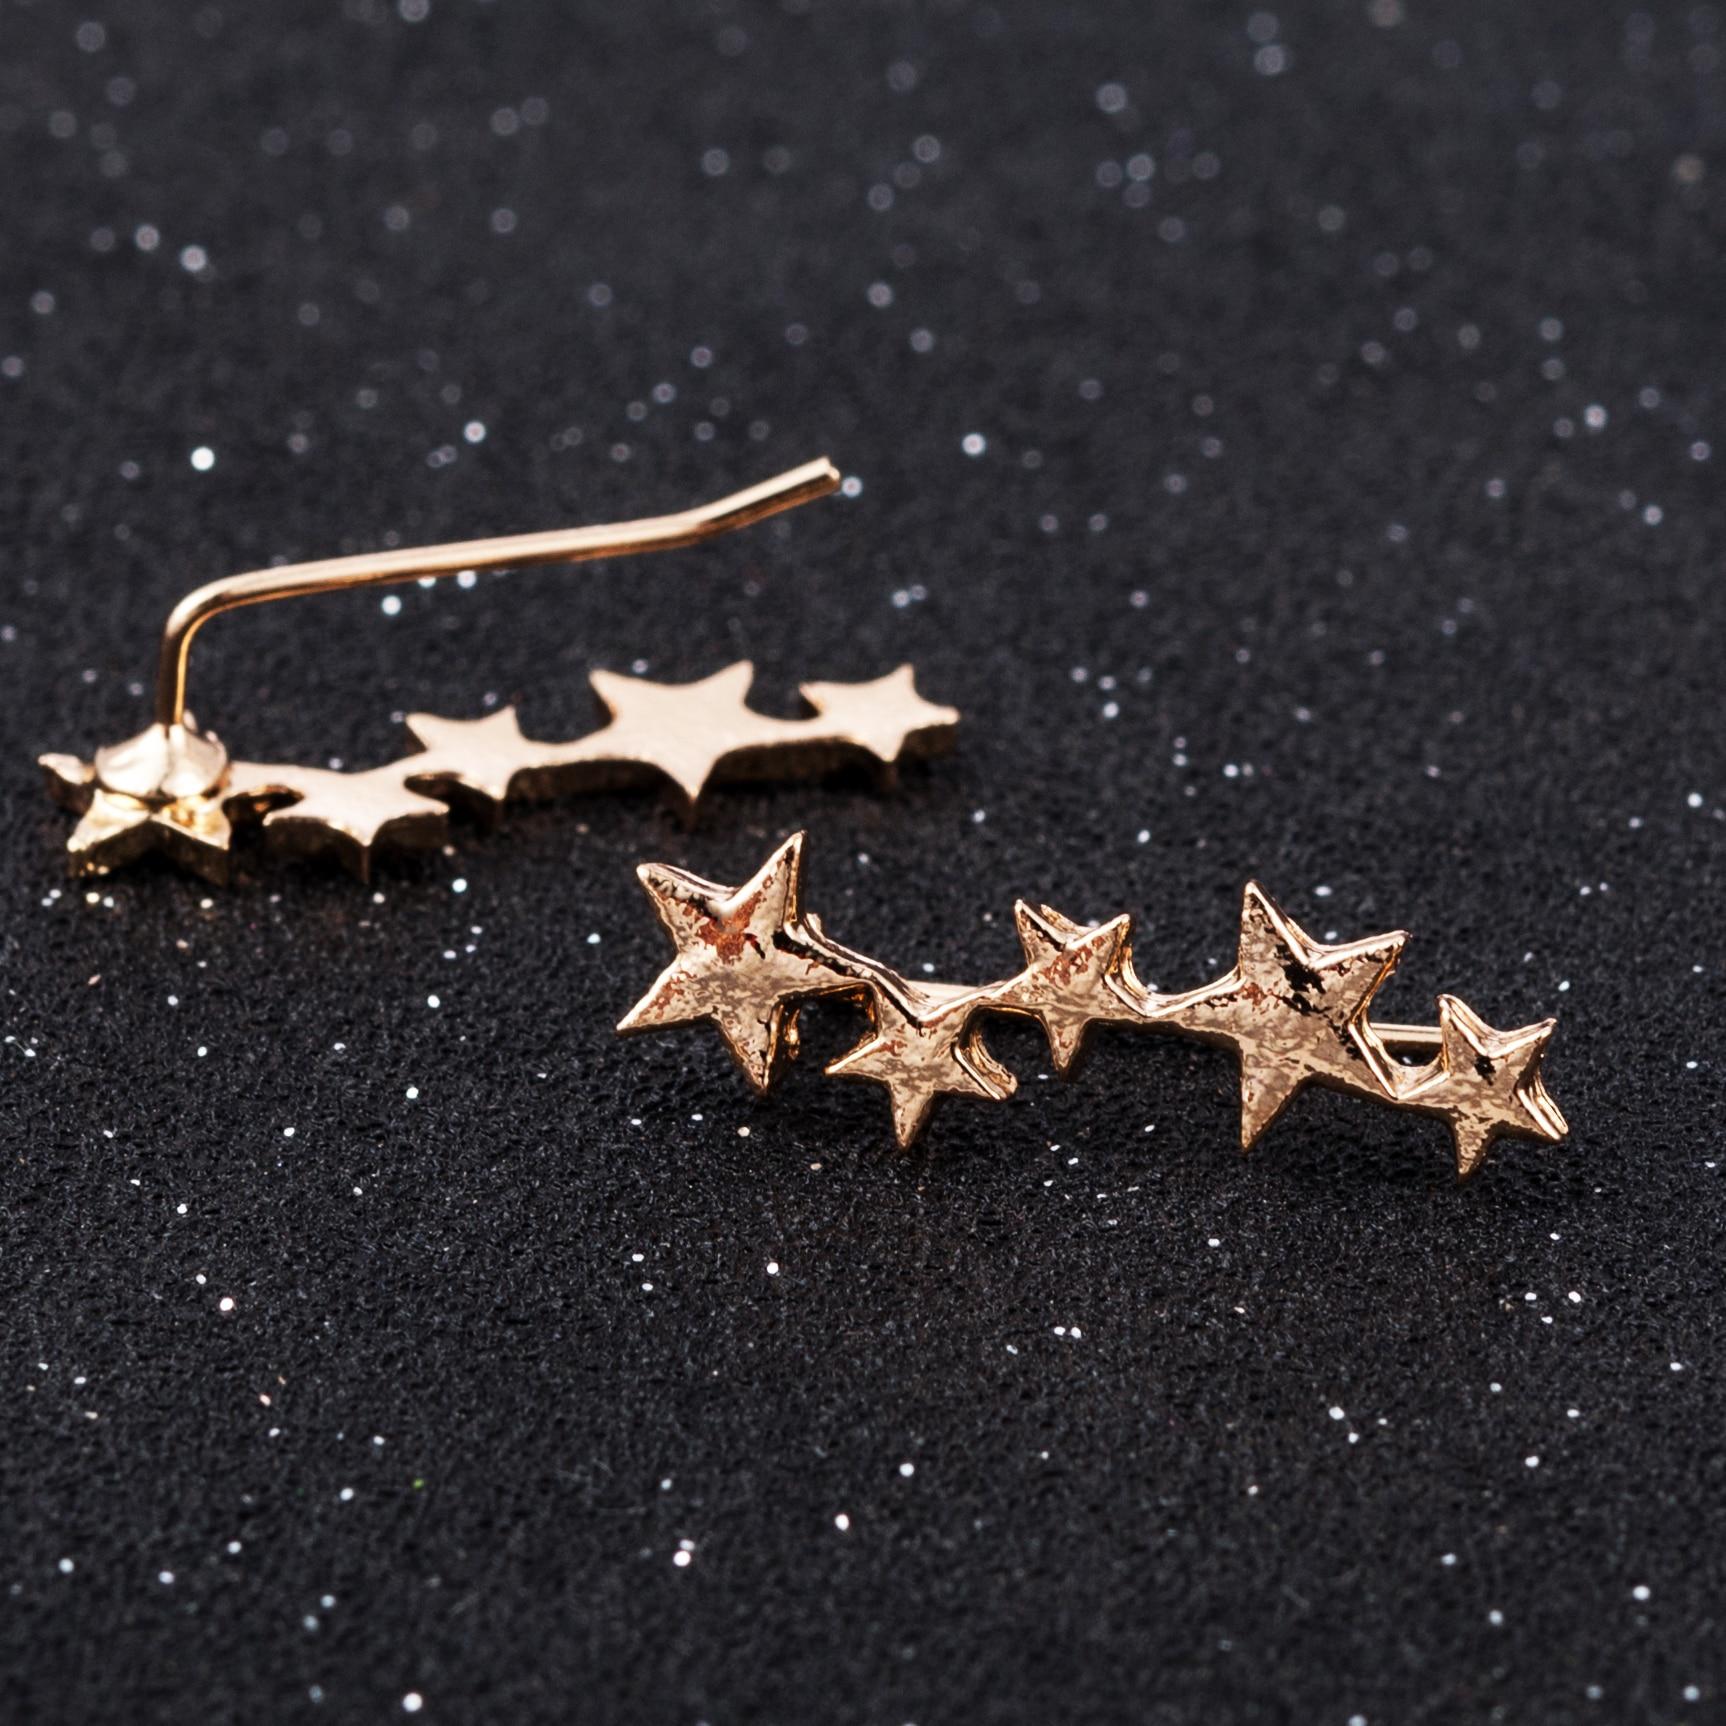 Fashion Statement Earrings 2019 Metal Star Moon Geometric Earrings For Women Hanging Dangle Earrings Drop Earing Modern Jewelry